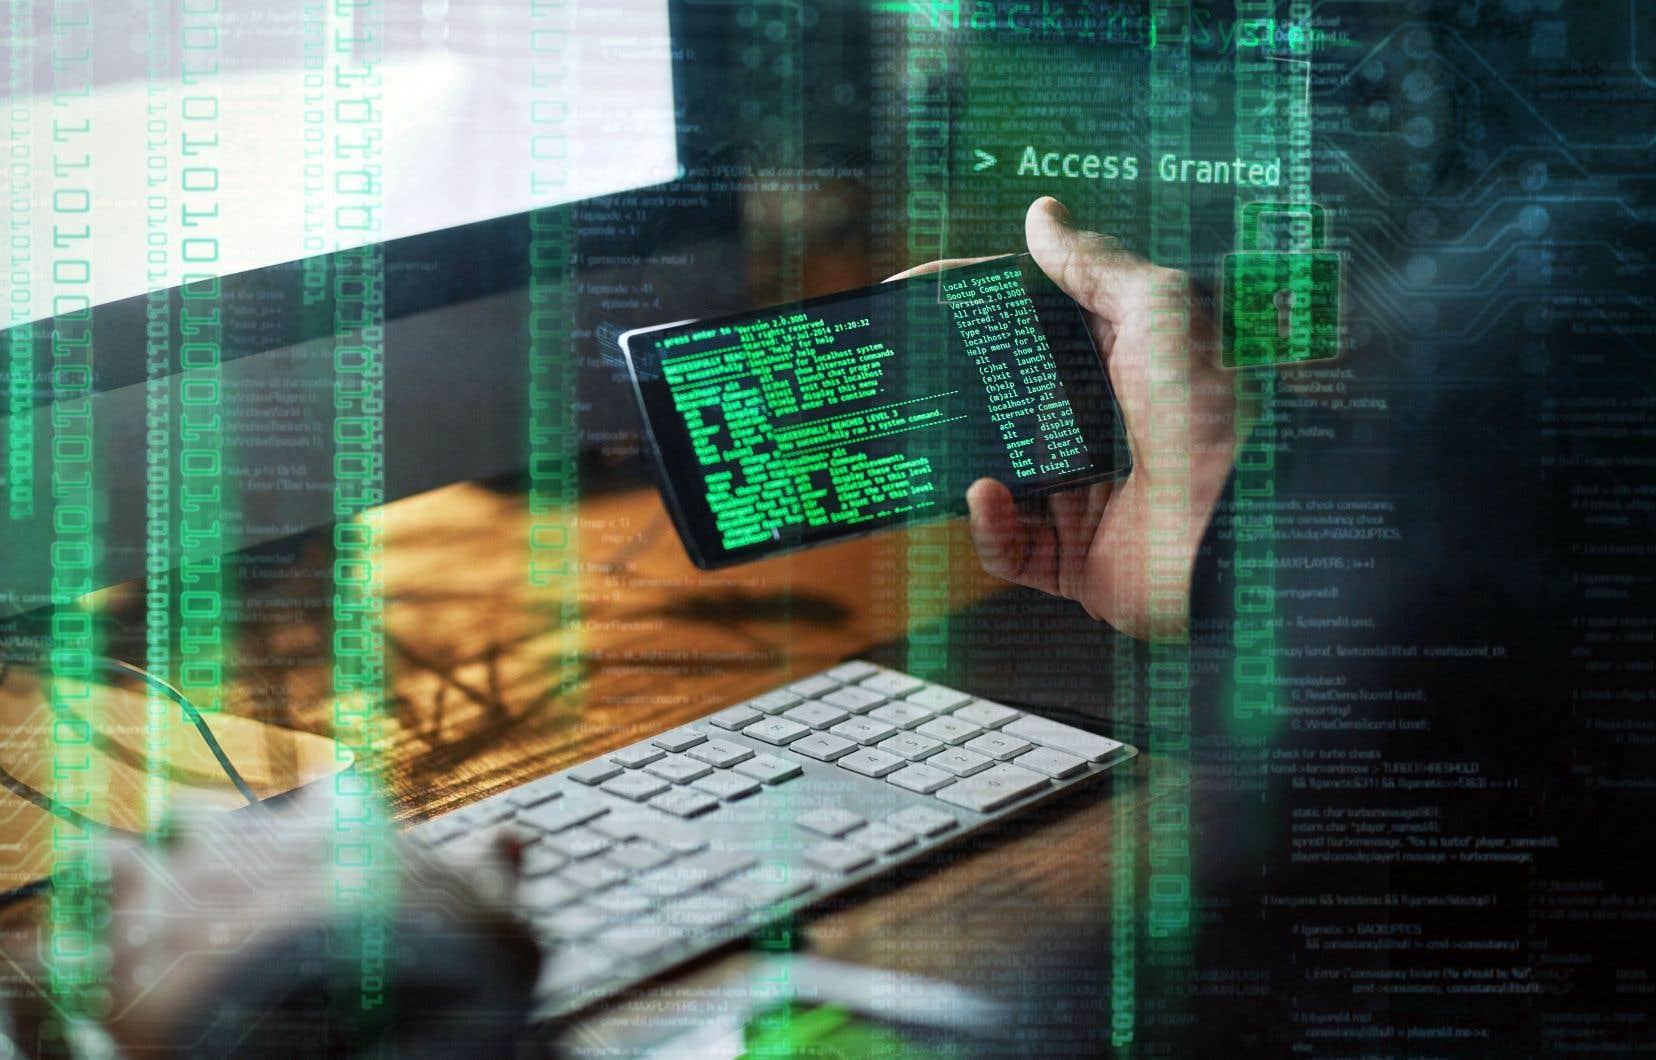 Chaque année amène des cyberattaques plus dangereuses, plus sophistiquées et plus difficiles à prévenir.